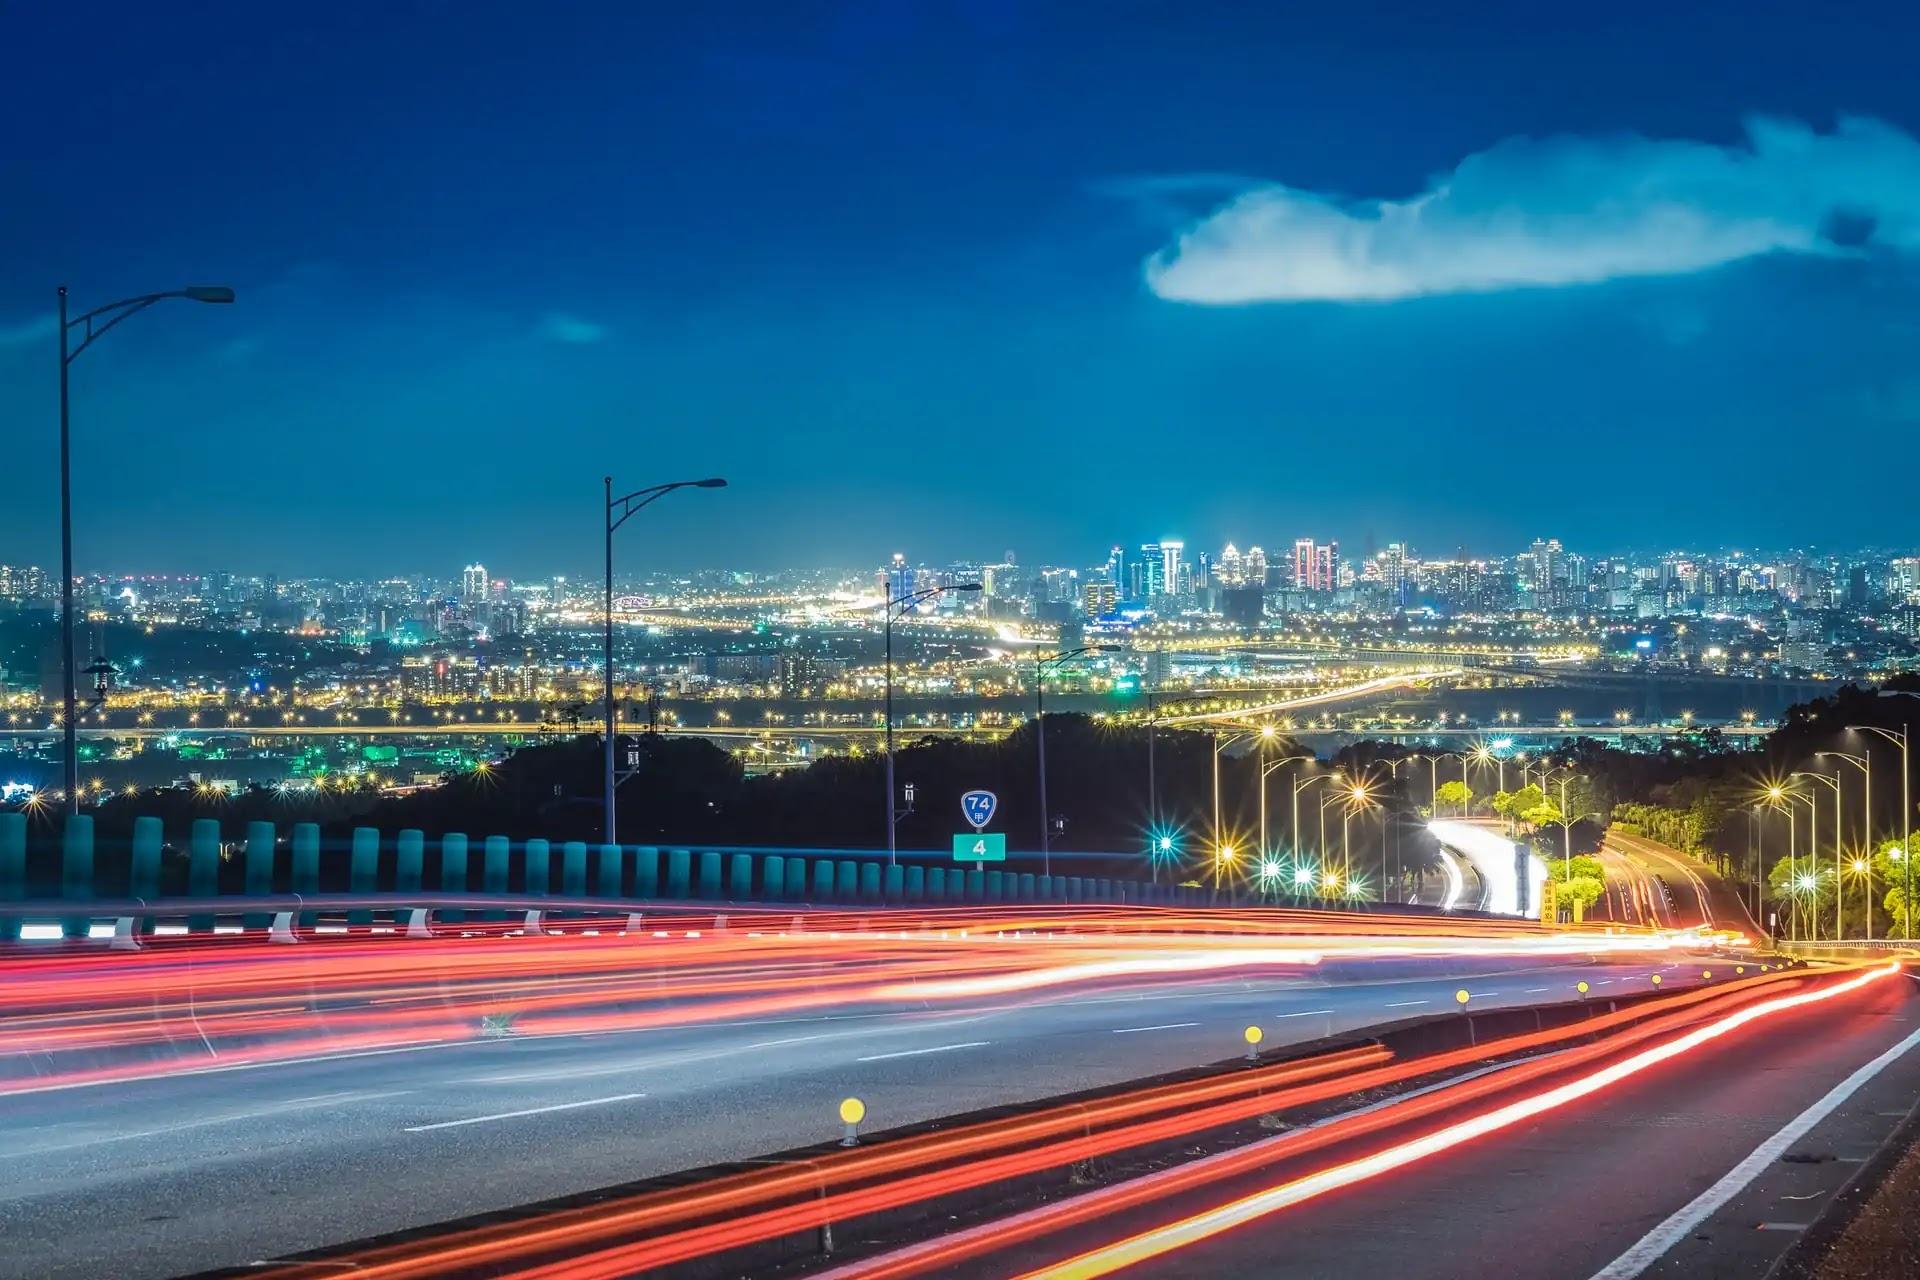 aprende ingles trafico coches autovia ciudad carretera noche luces